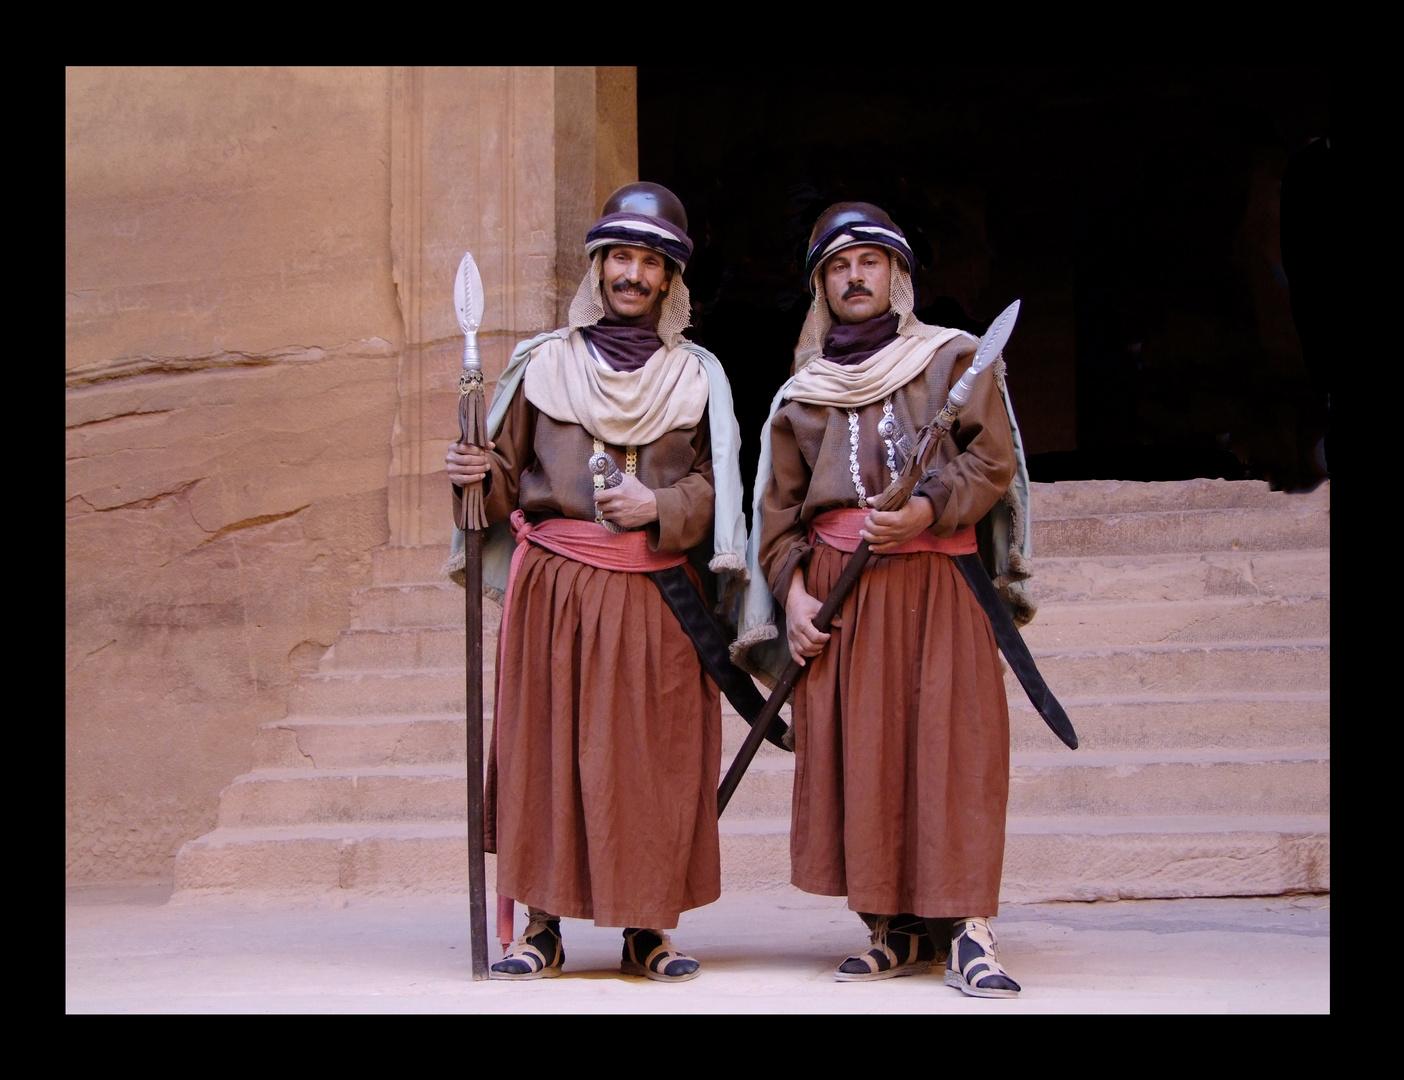 """... von den Touristen gelangweilte Wächter von Petra vor dem """"Schatzhaus des Pharao"""""""